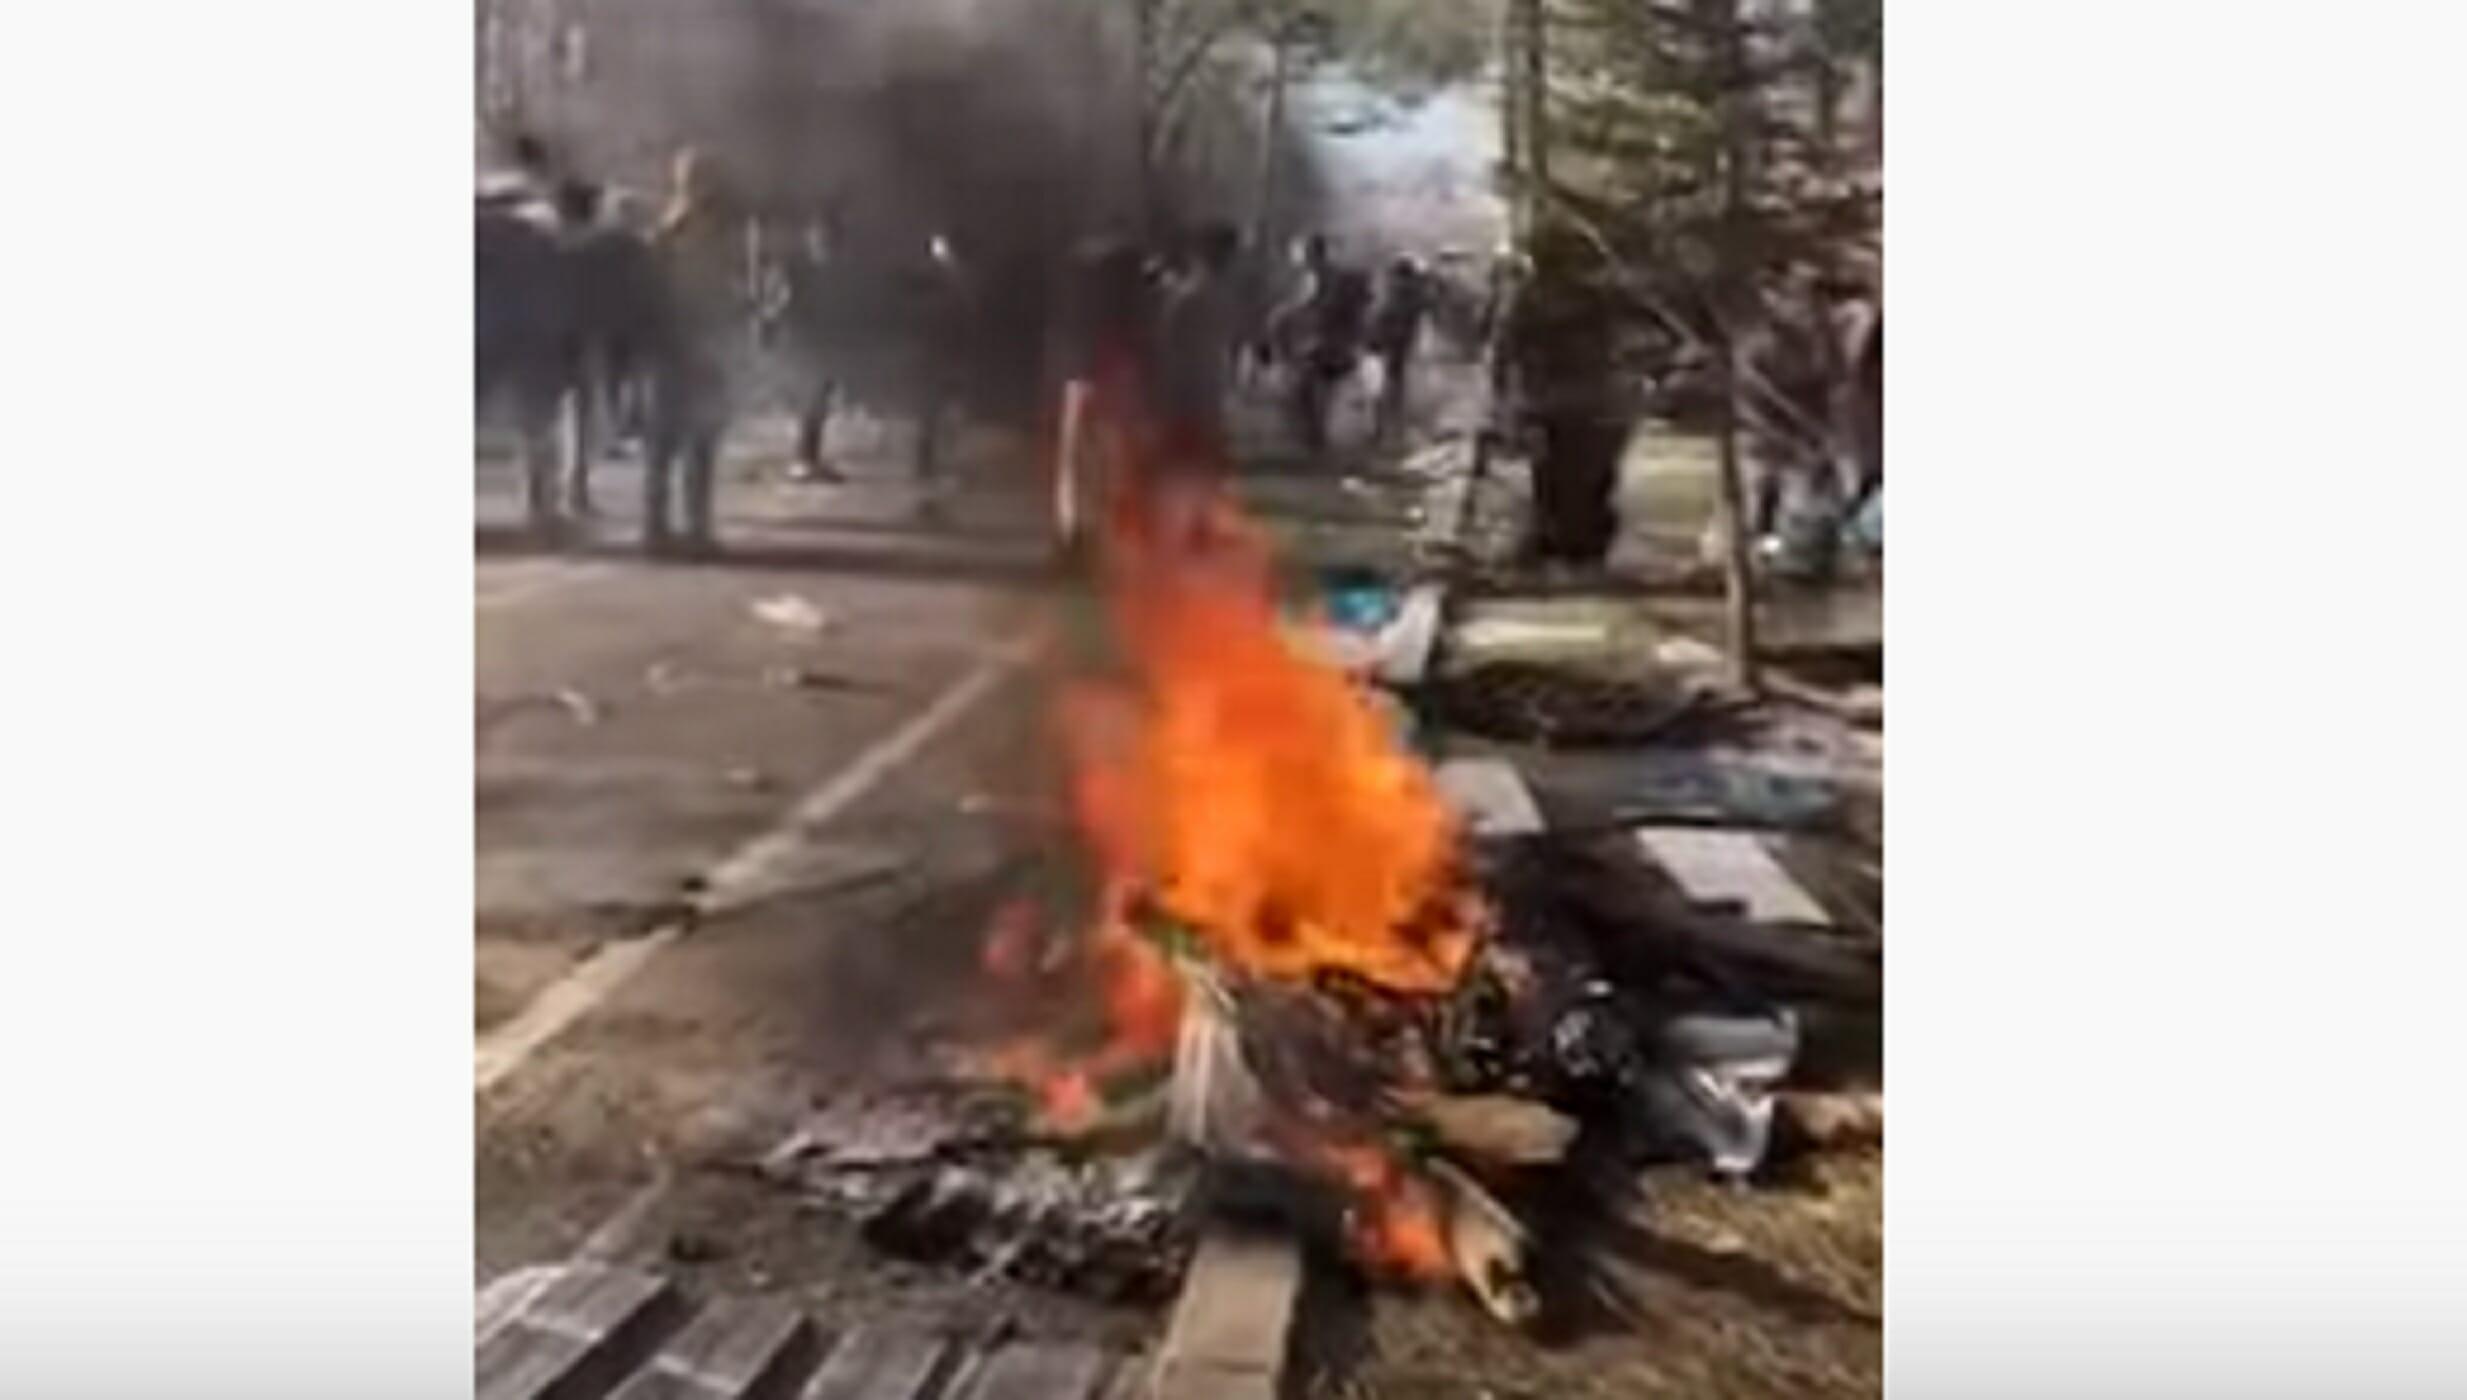 Καστανιές: Κάνουμε τιτάνιο αγώνα για να κρατήσουμε τα σύνορα λένε οι συνοριοφύλακες [video]